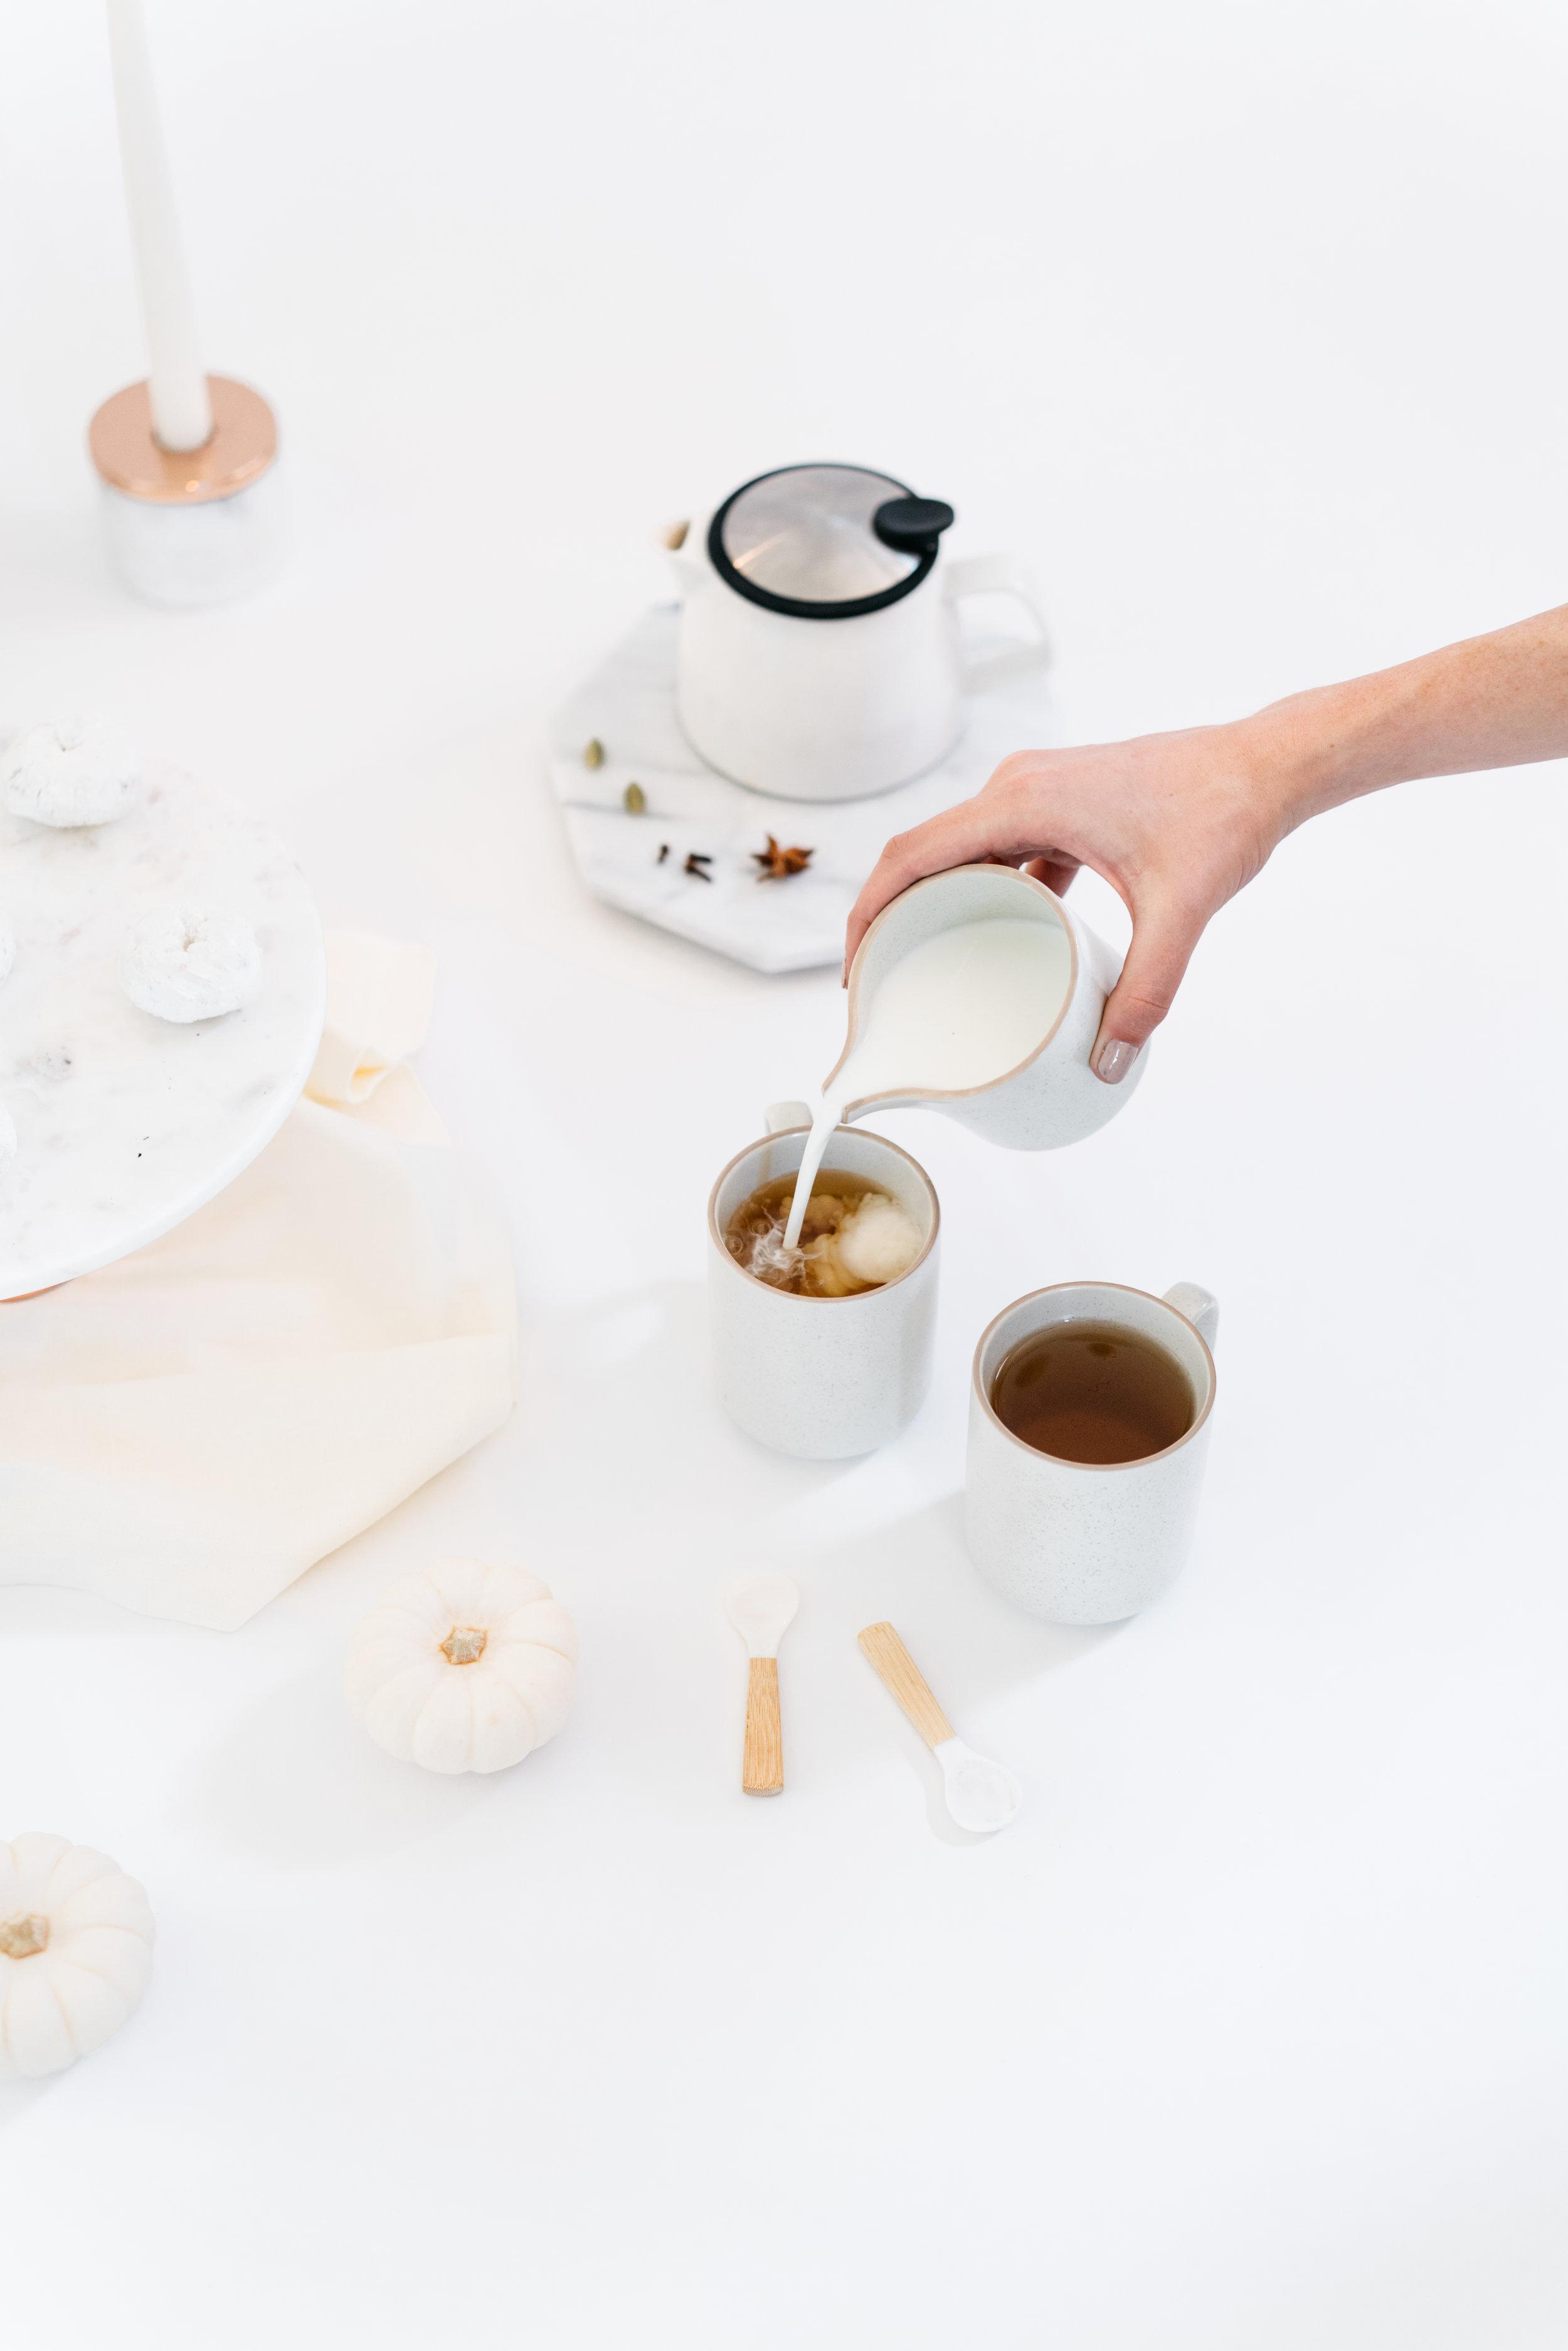 Art of Tea Fall Visuals-30.jpg